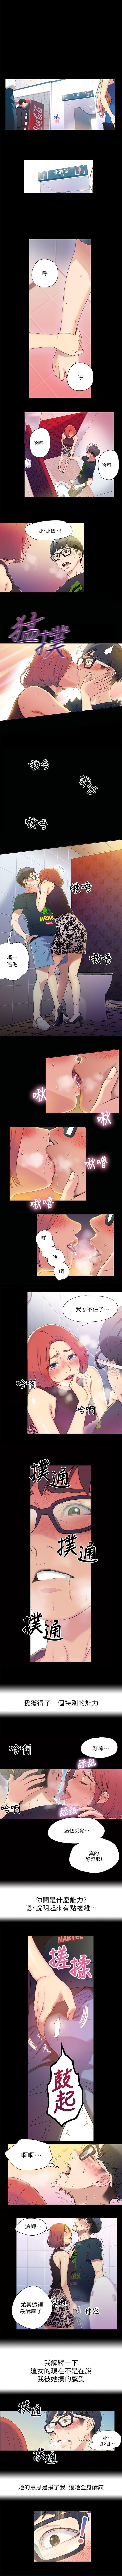 (周7)超导体鲁蛇(超级吸引力) 1-14 中文翻译(更新中) 1